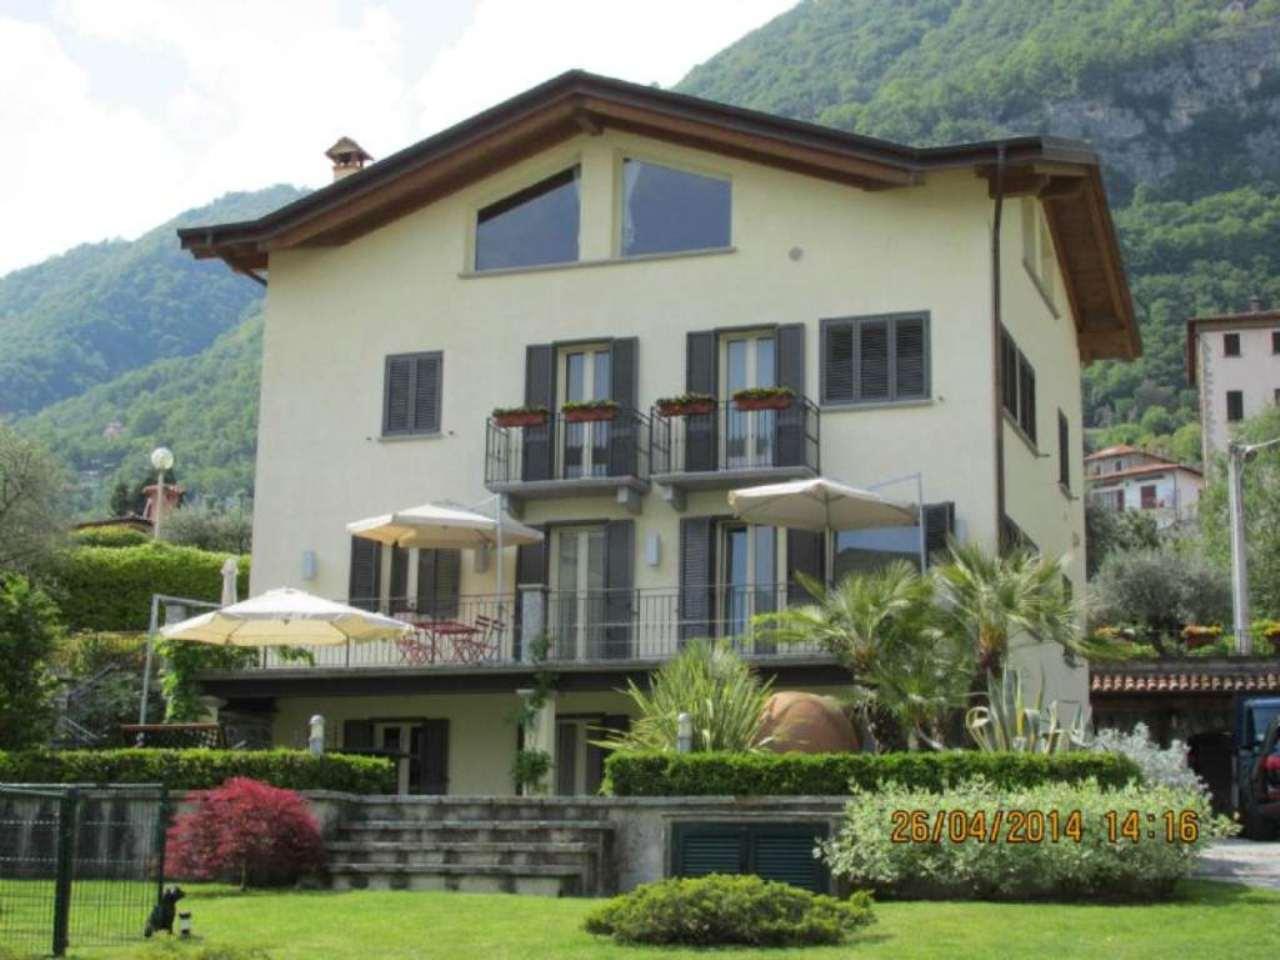 Villa in vendita a Menaggio, 7 locali, prezzo € 1.550.000 | Cambio Casa.it